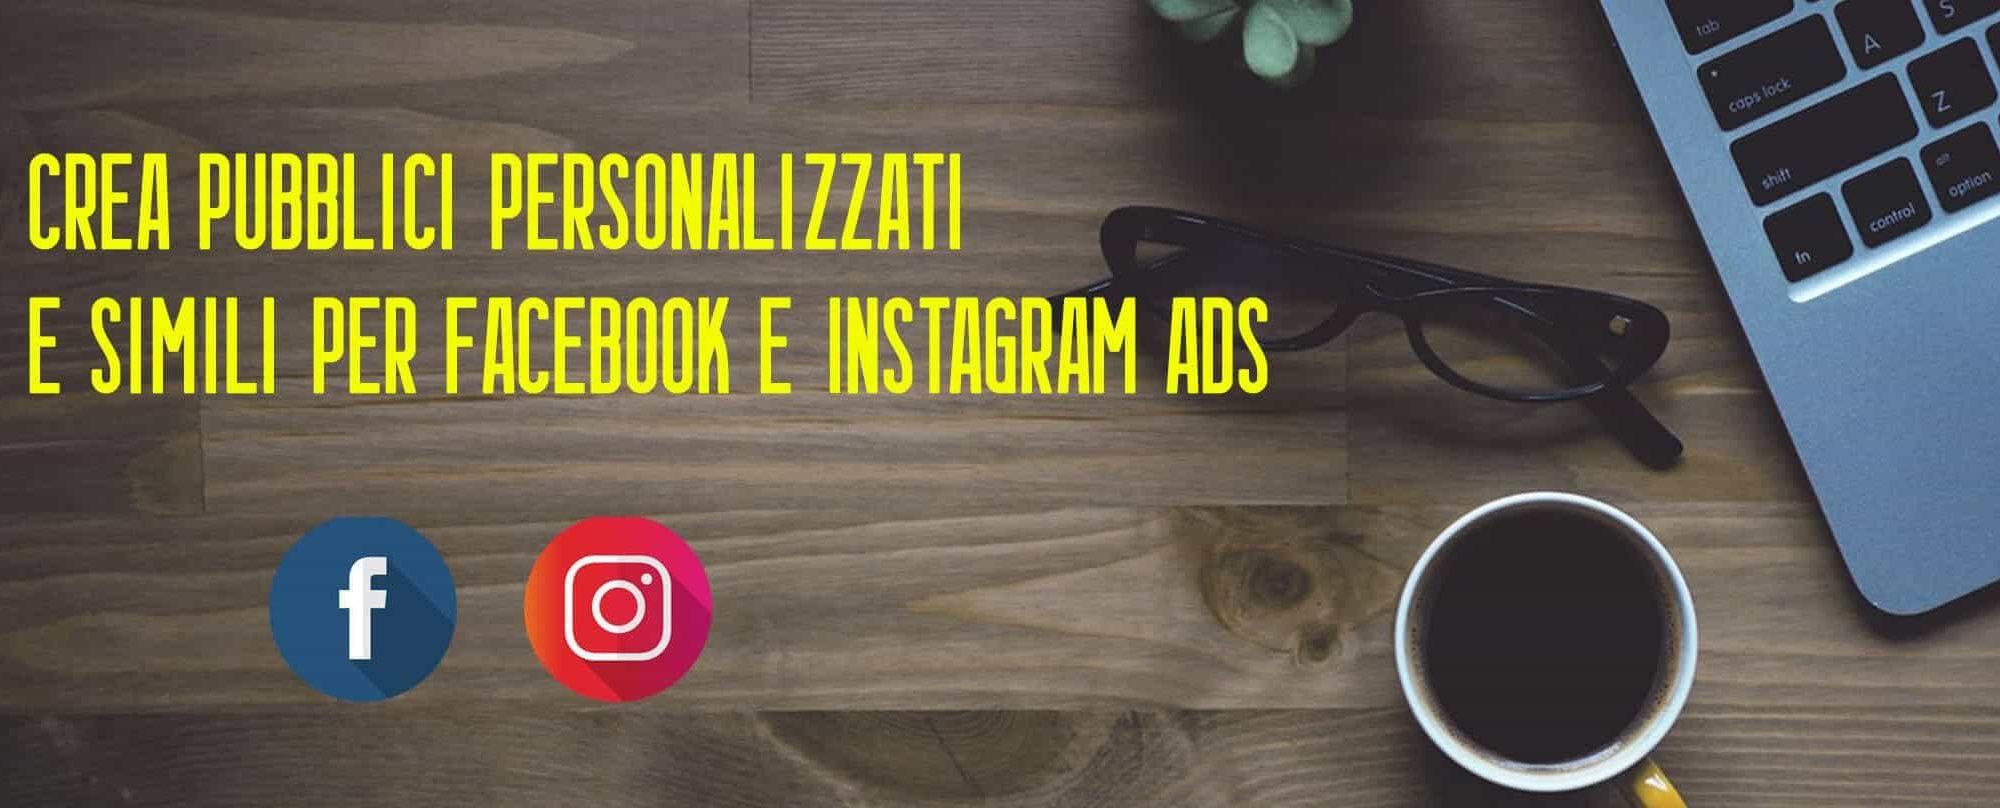 crea-pubblici-personalizzatti-e-simili-per-facebook-instagram-ads